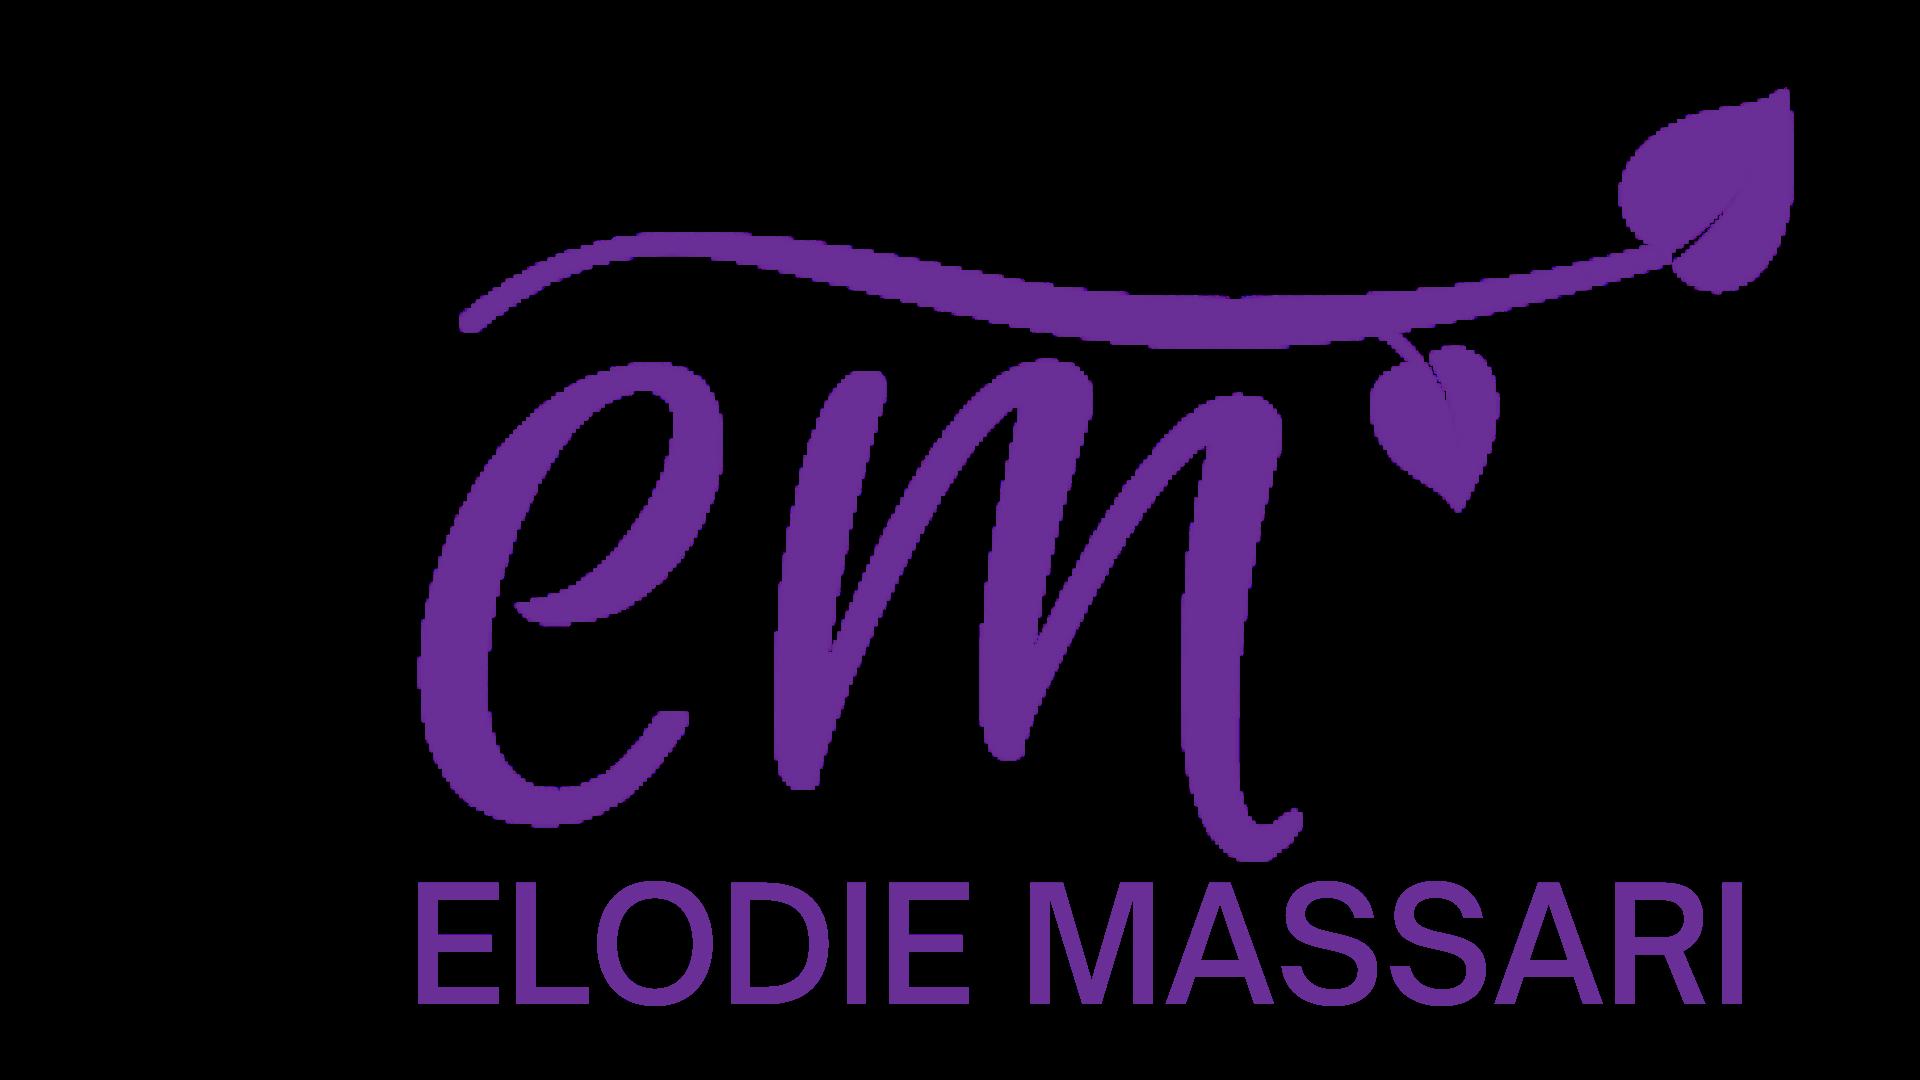 Elodie Massari